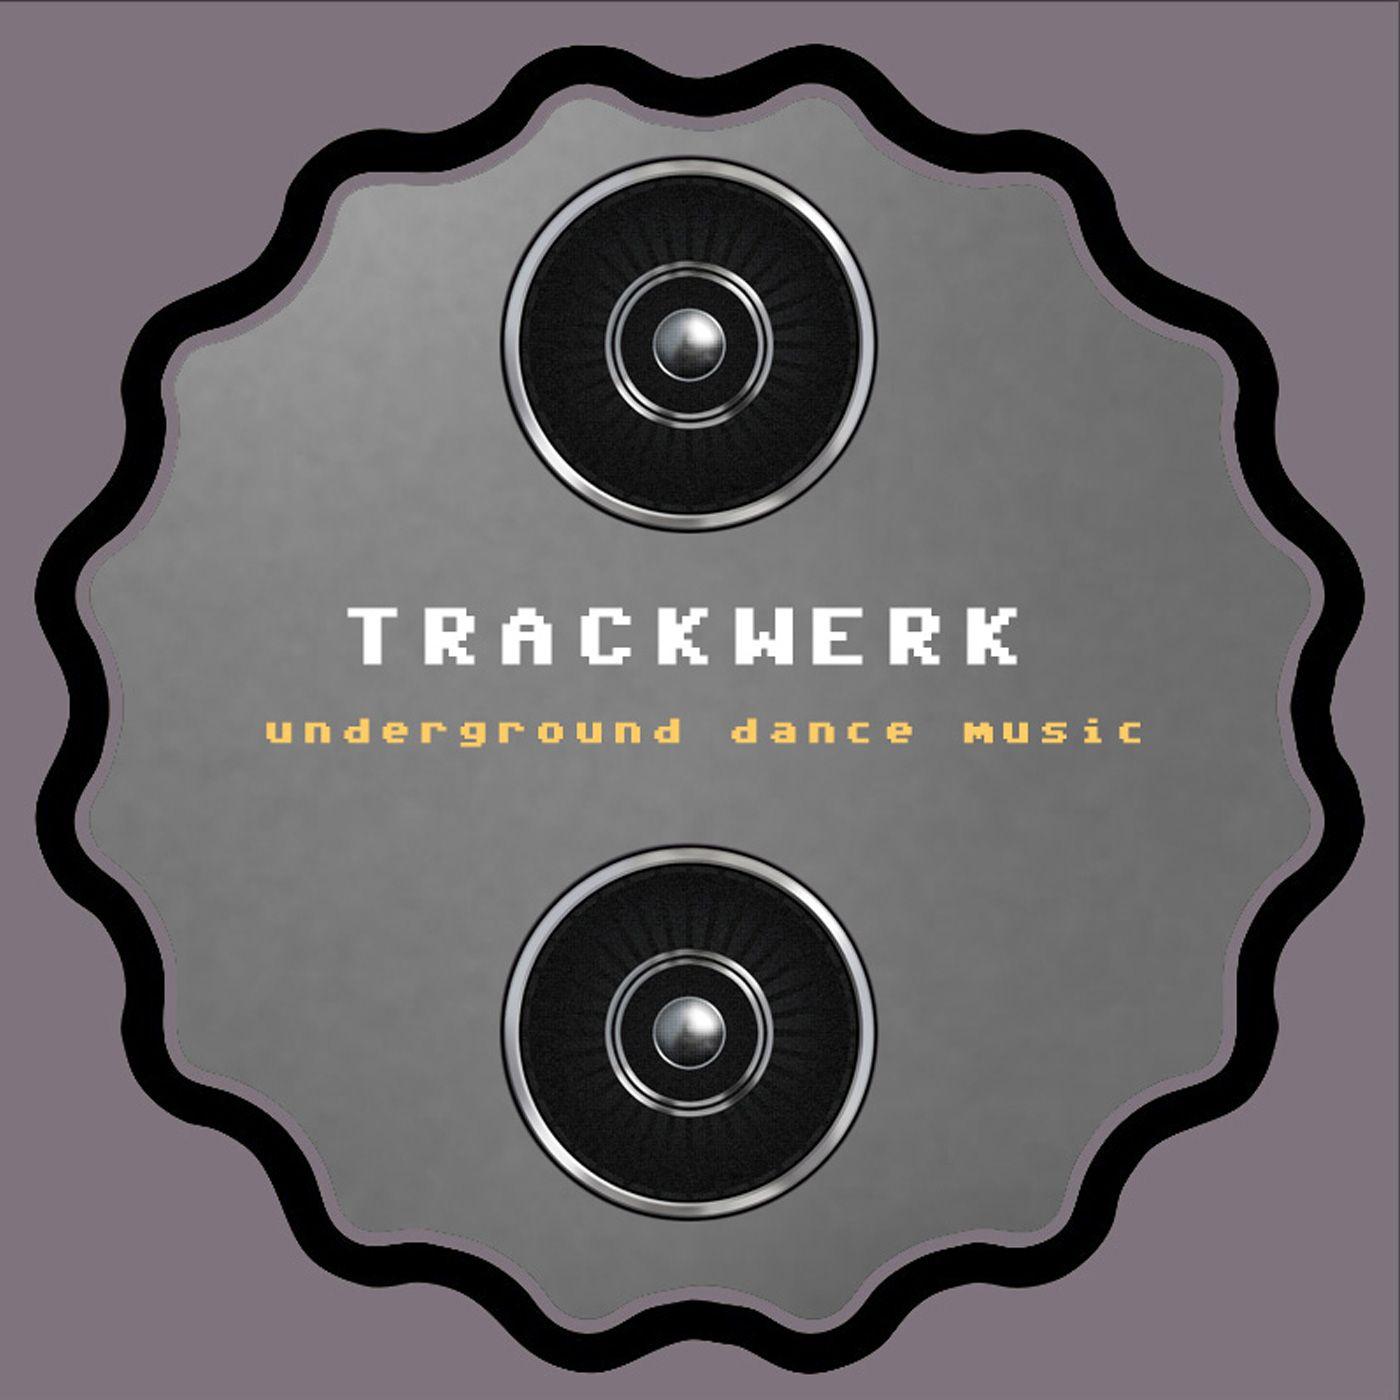 trackwerk